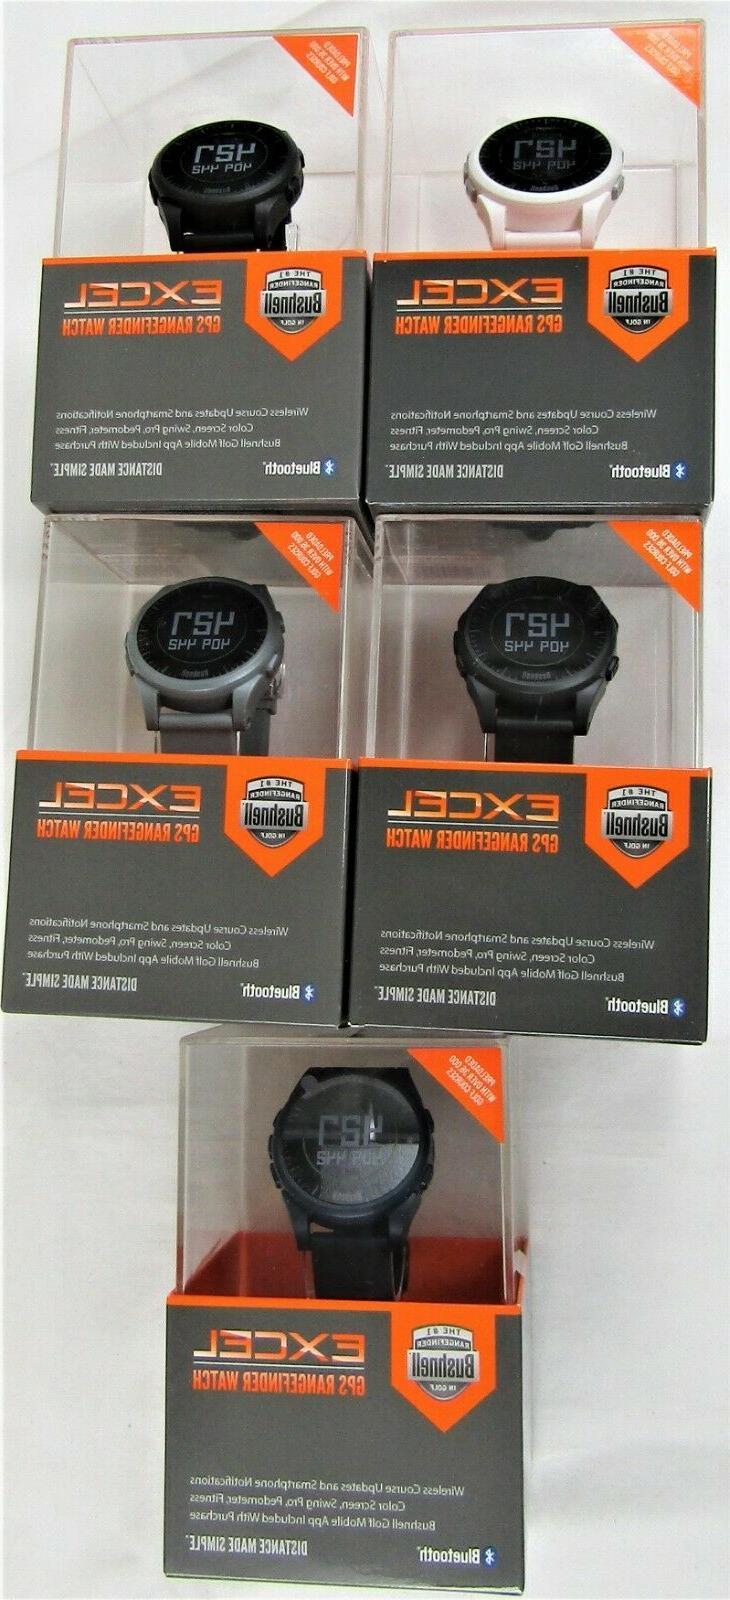 New Bushnell Golf Excel GPS Range Finder Watch Black Charcoa